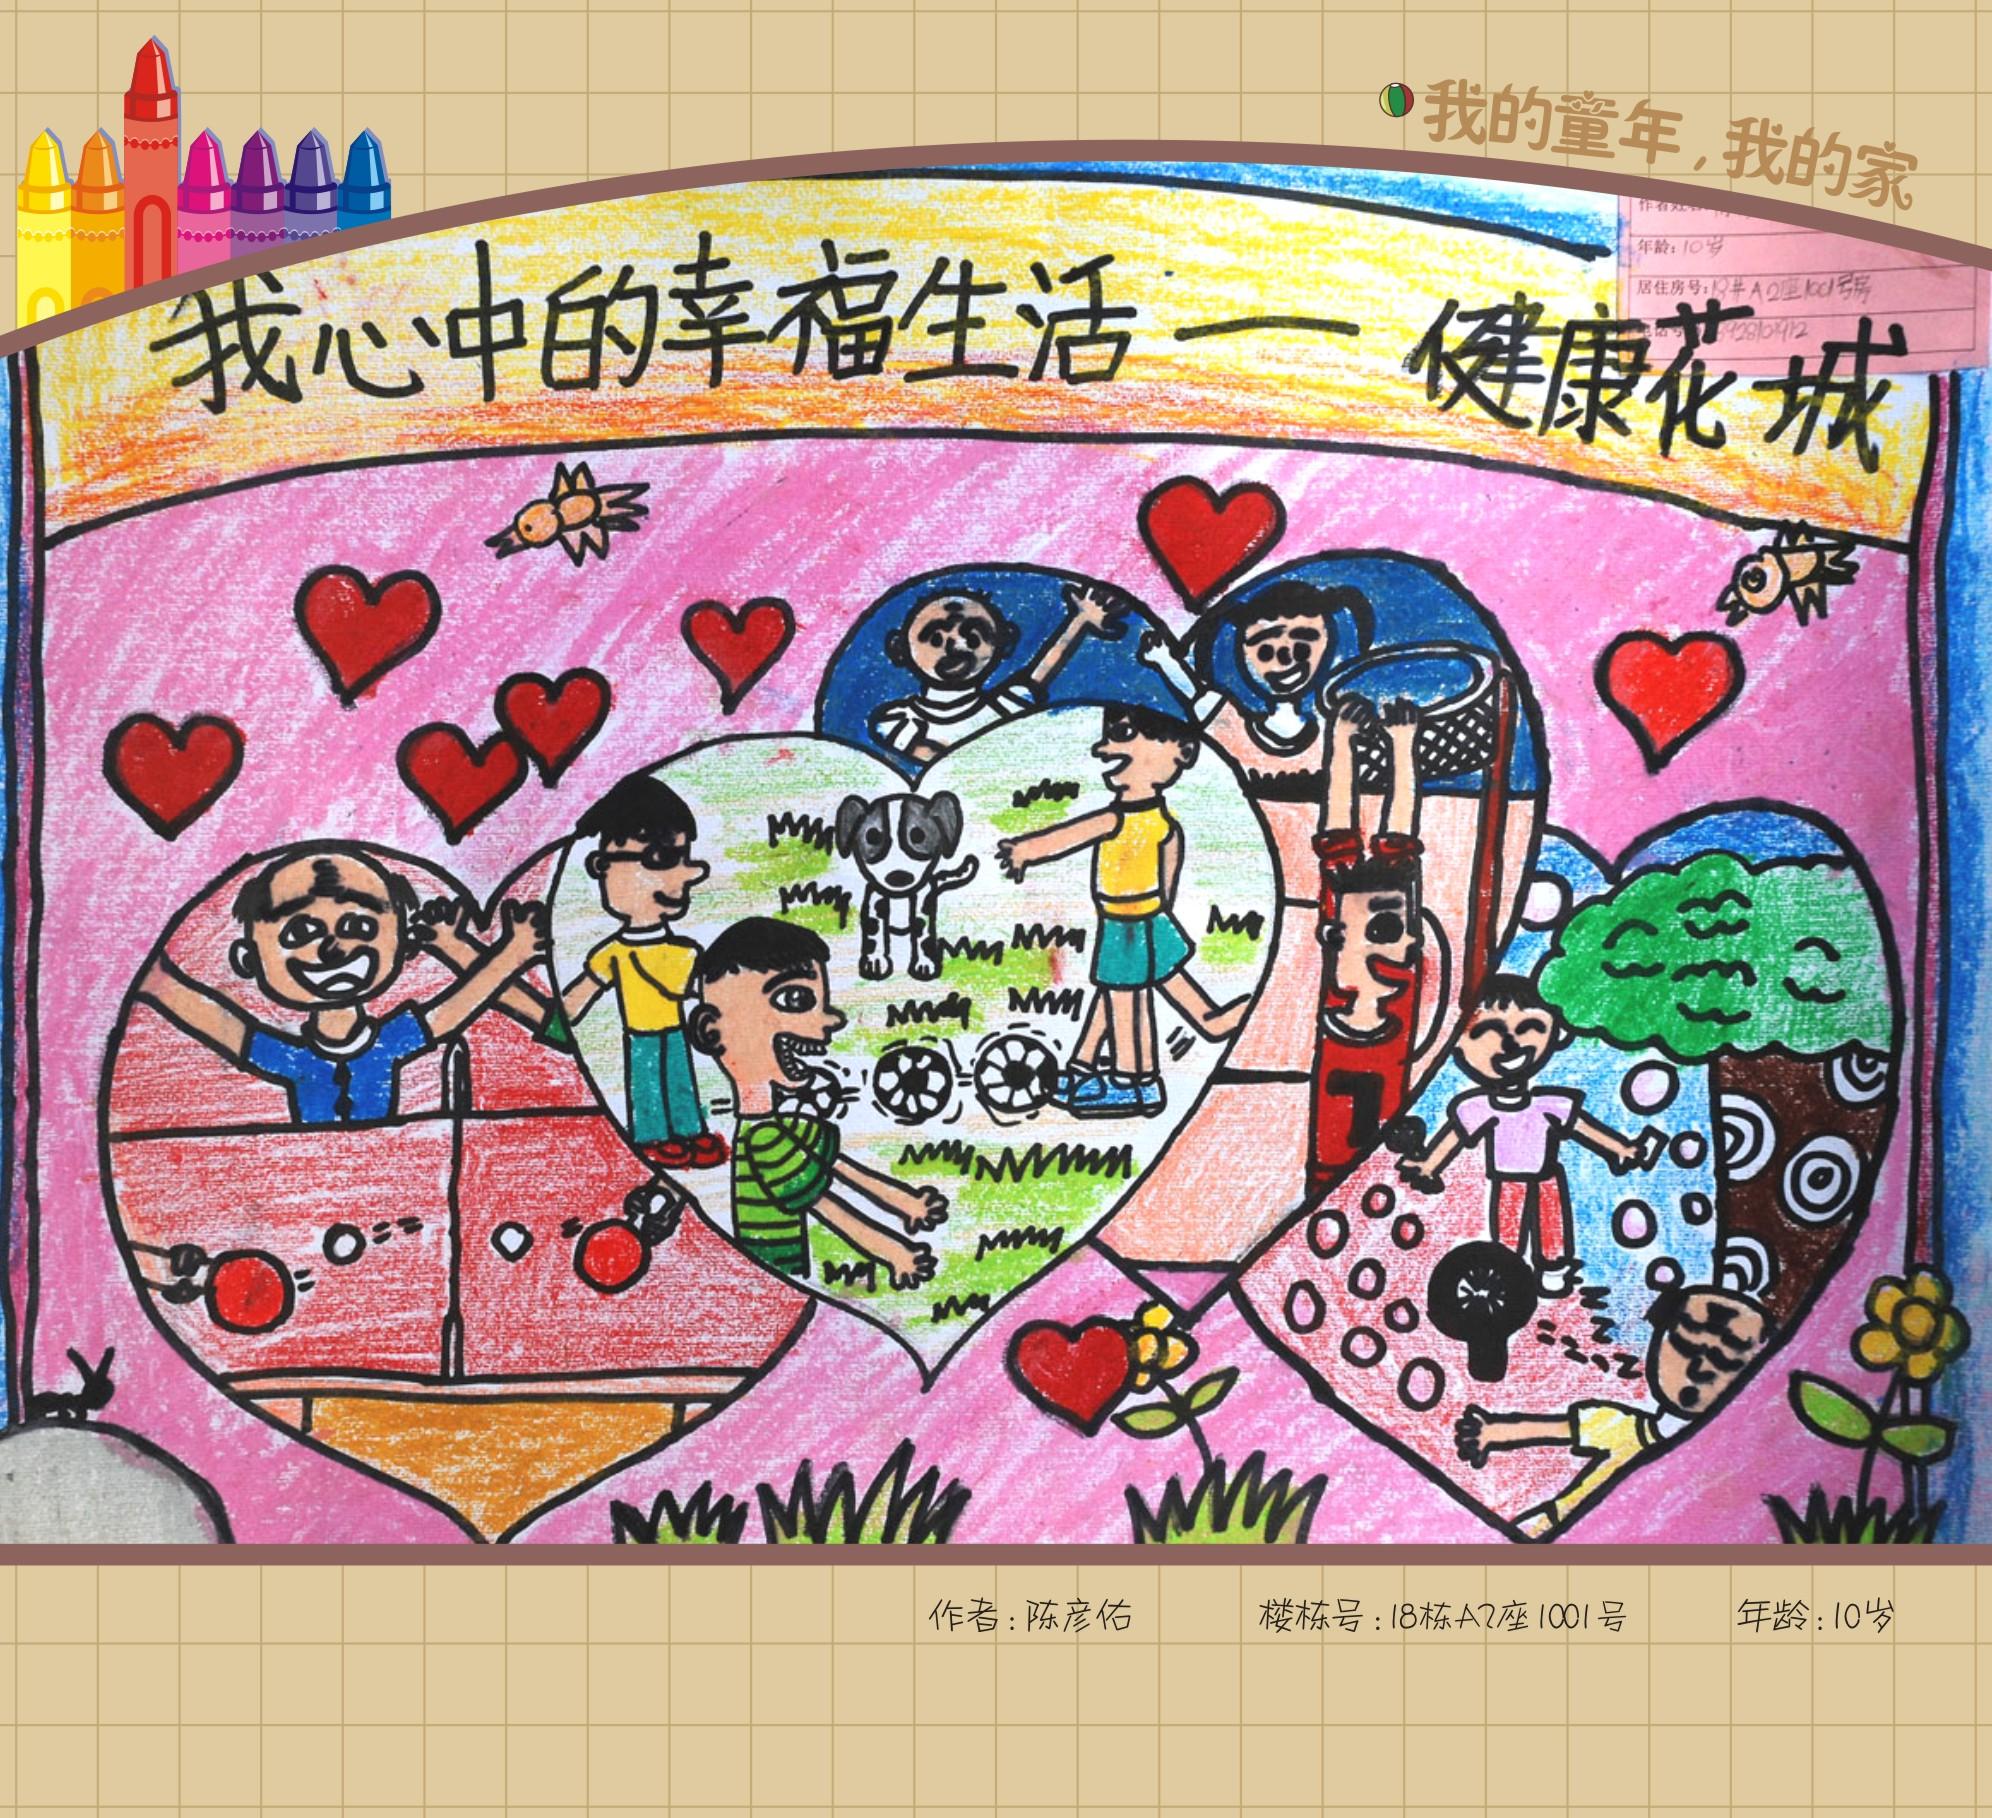 """图片_中国梦少儿我系举办""""我心中的中国梦""""我系举办""""我心中的中国梦"""""""